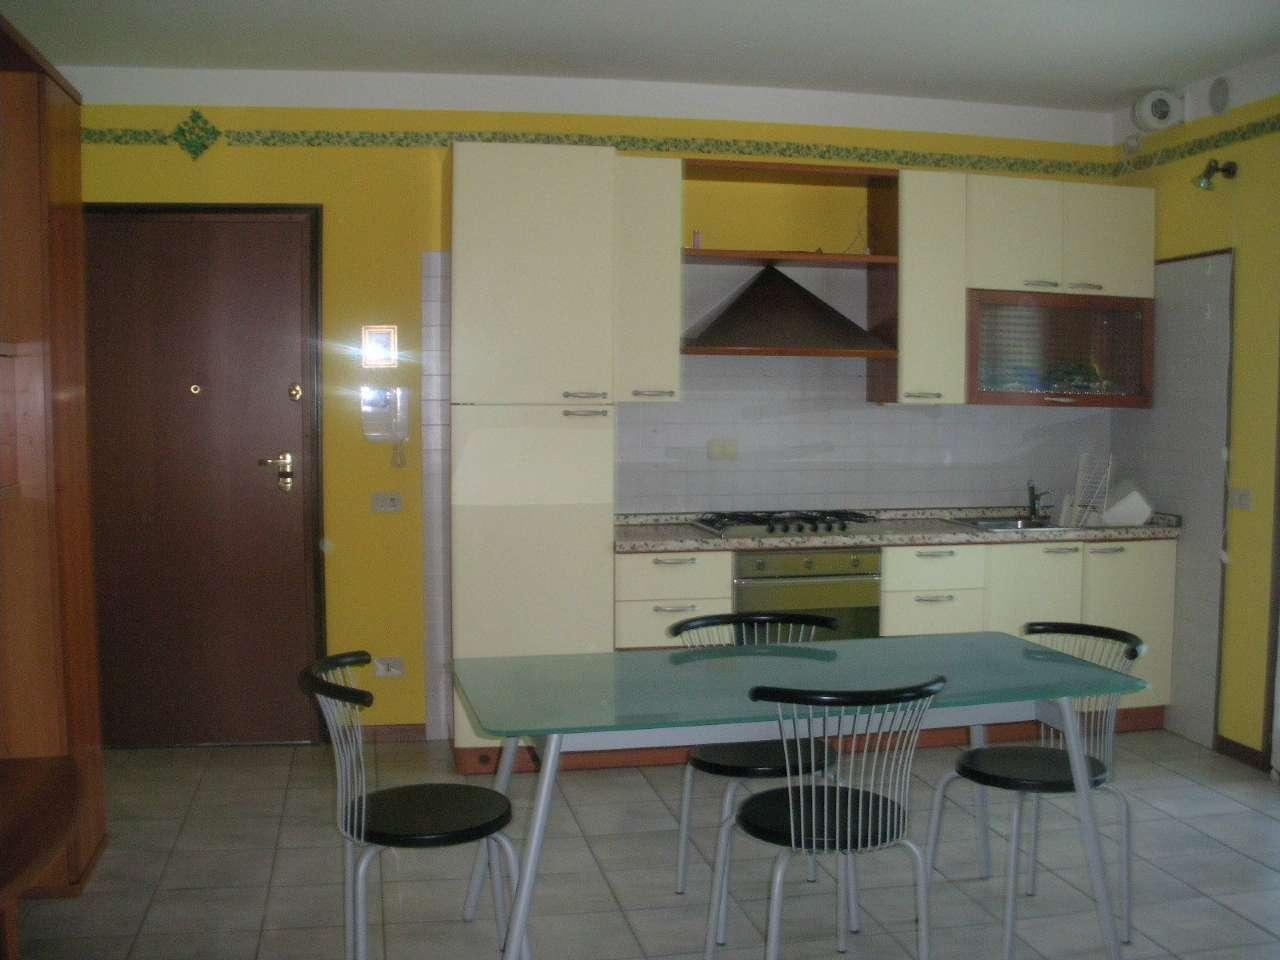 Appartamento in vendita a Mira, 3 locali, prezzo € 88.000 | CambioCasa.it